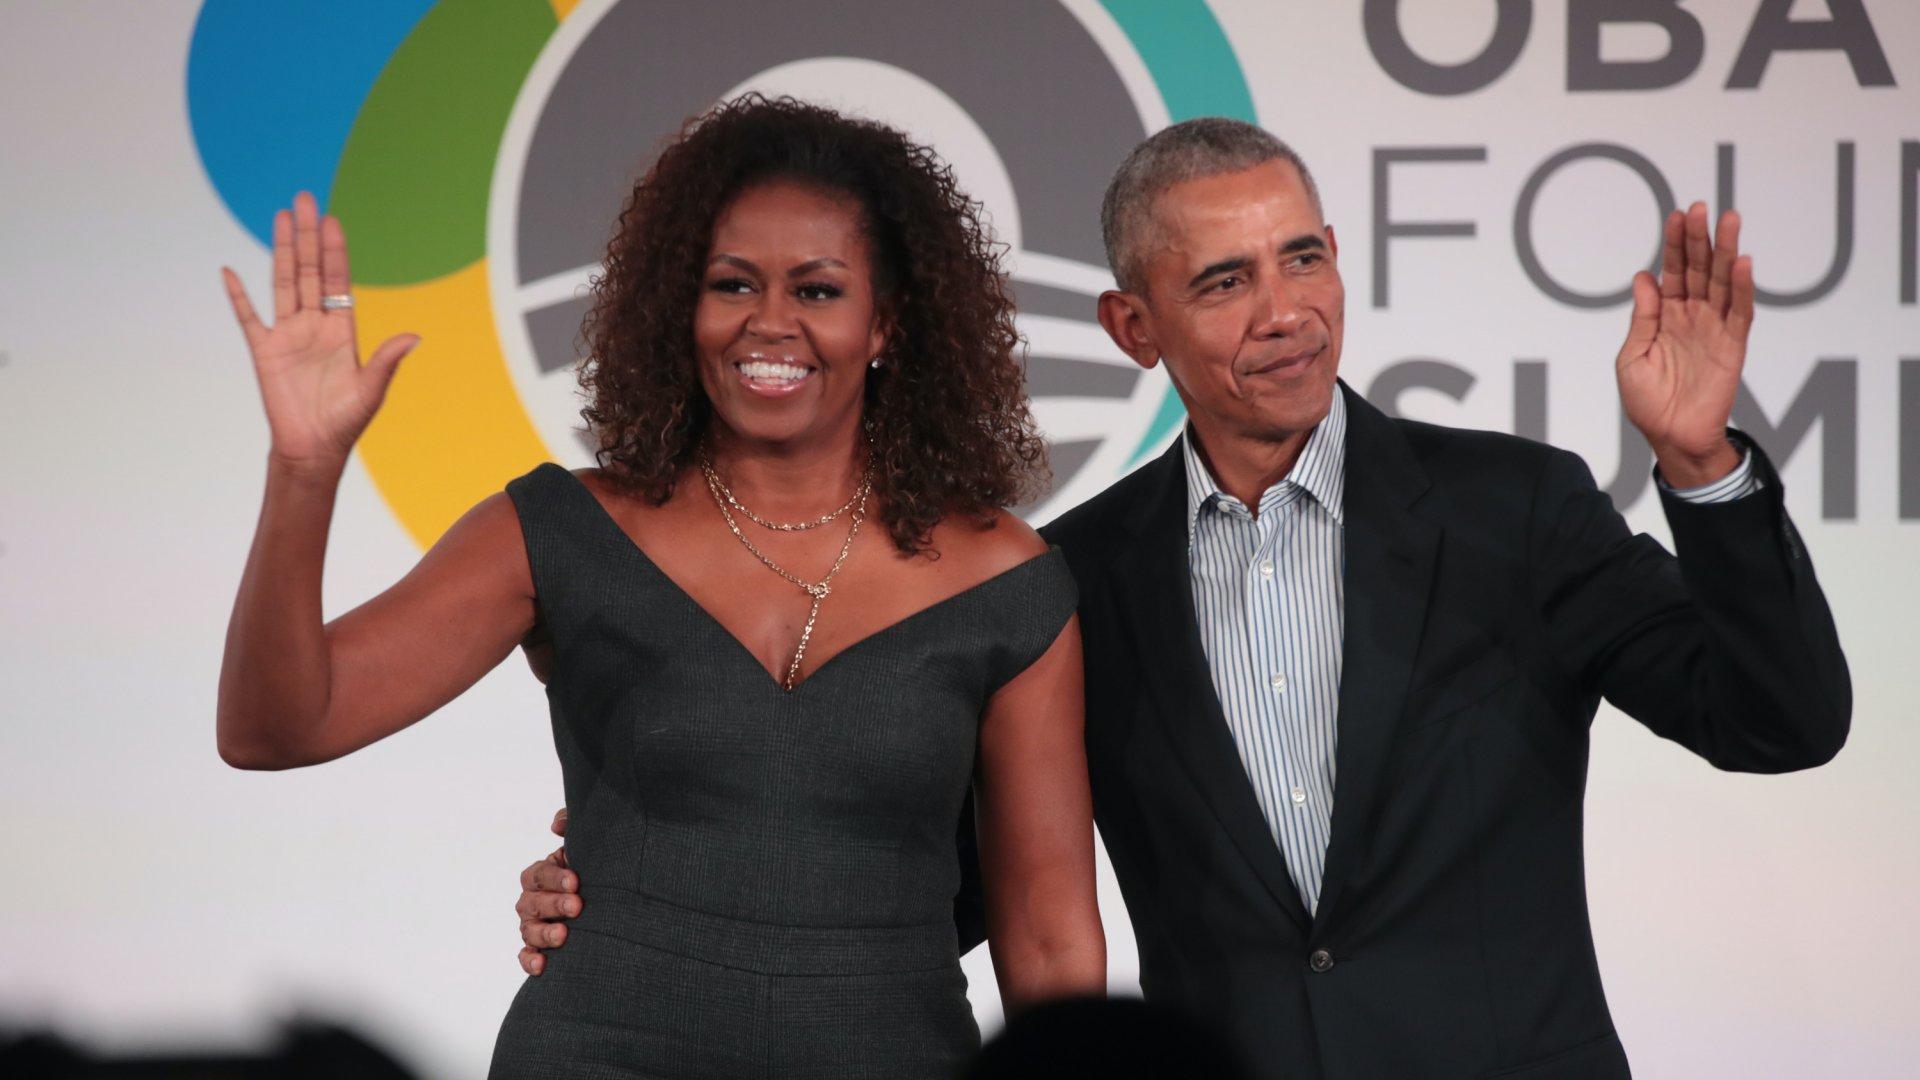 Barack és Michelle Obama lett a legjobban csodált férfi és nő a világon